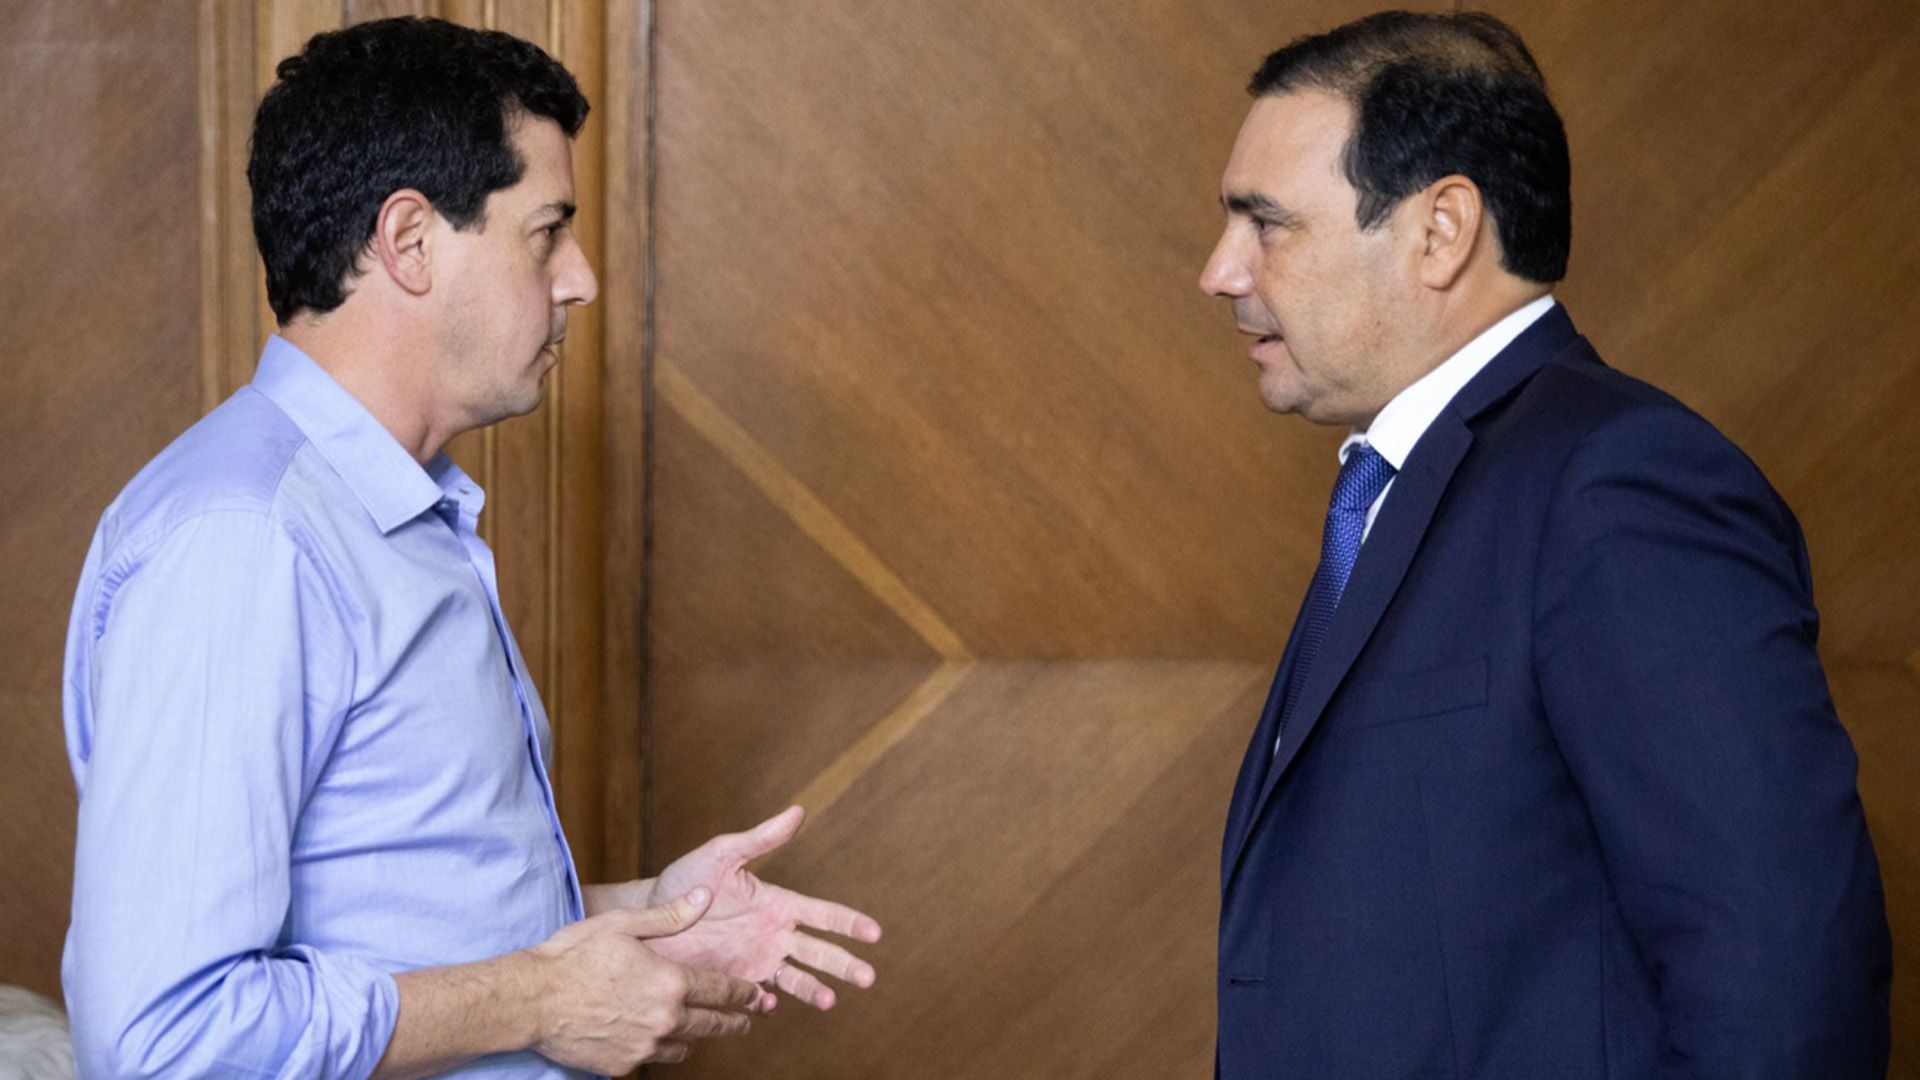 Wado de Pedro, esta semana, junto al gobernador de Corrientes, Gustavo Valdés (Crédito: Fotografía Ministerio del Interior)